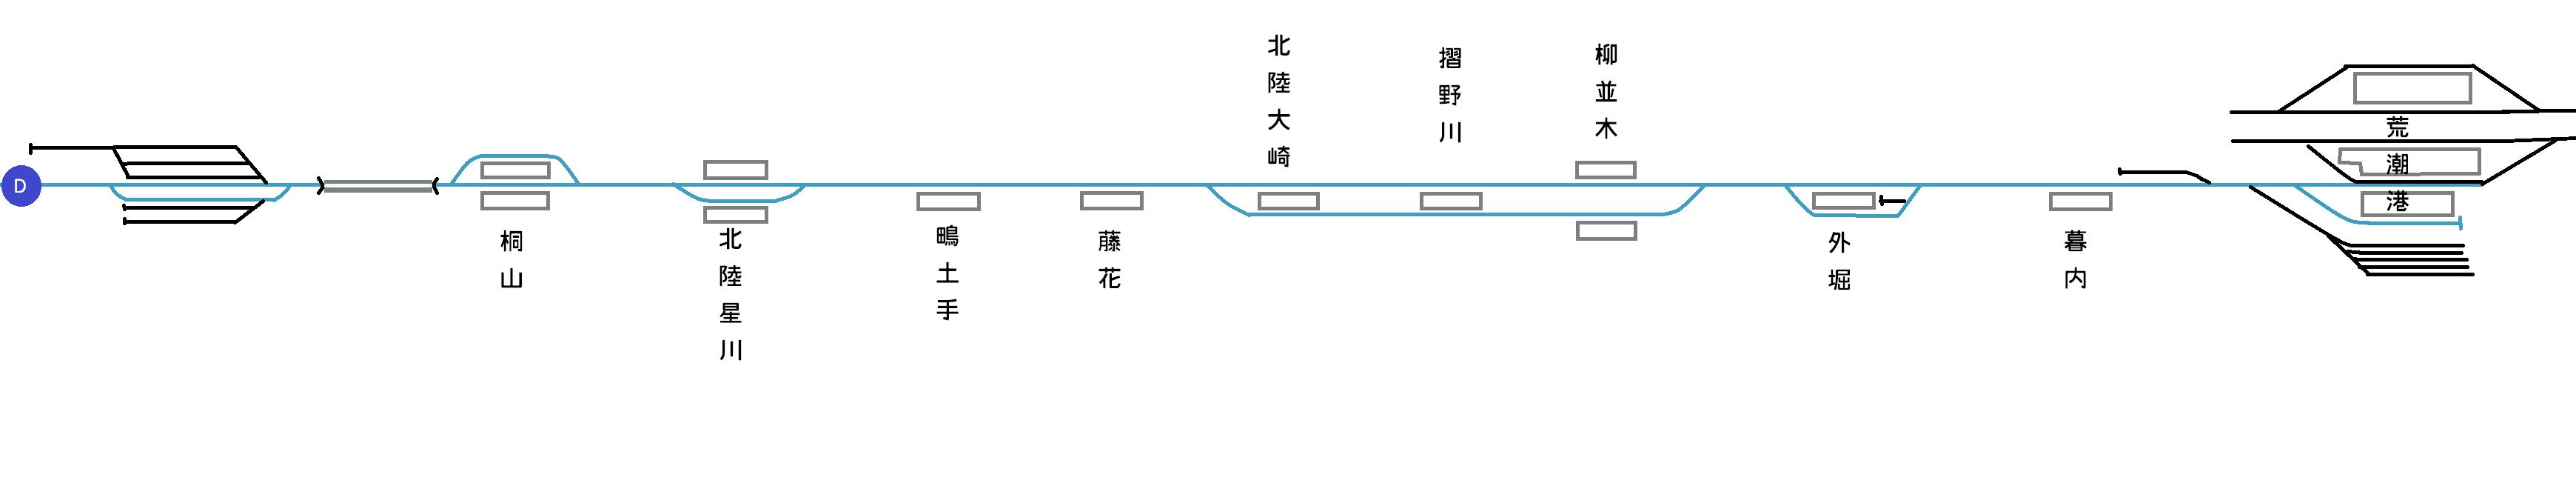 川潮線配線図5